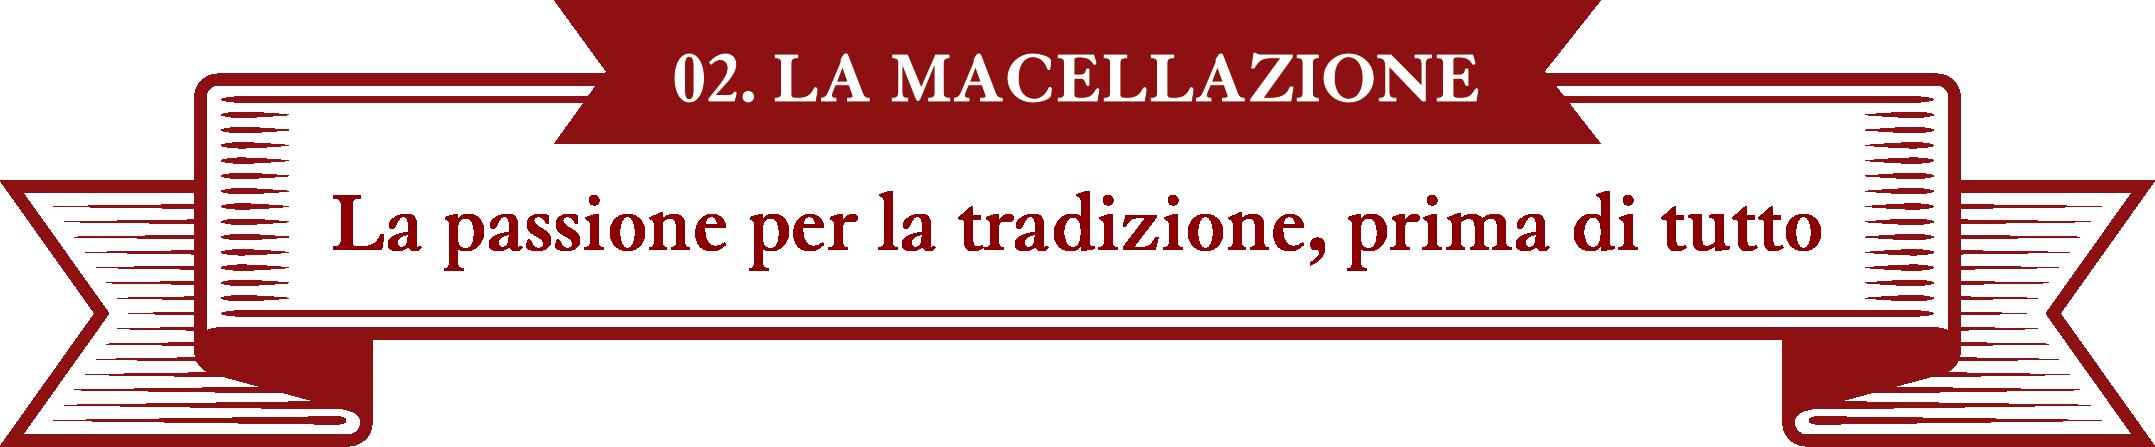 cartiglio 02 la macellazione la passione per la tradizione, prima di tutto bianco e rosso